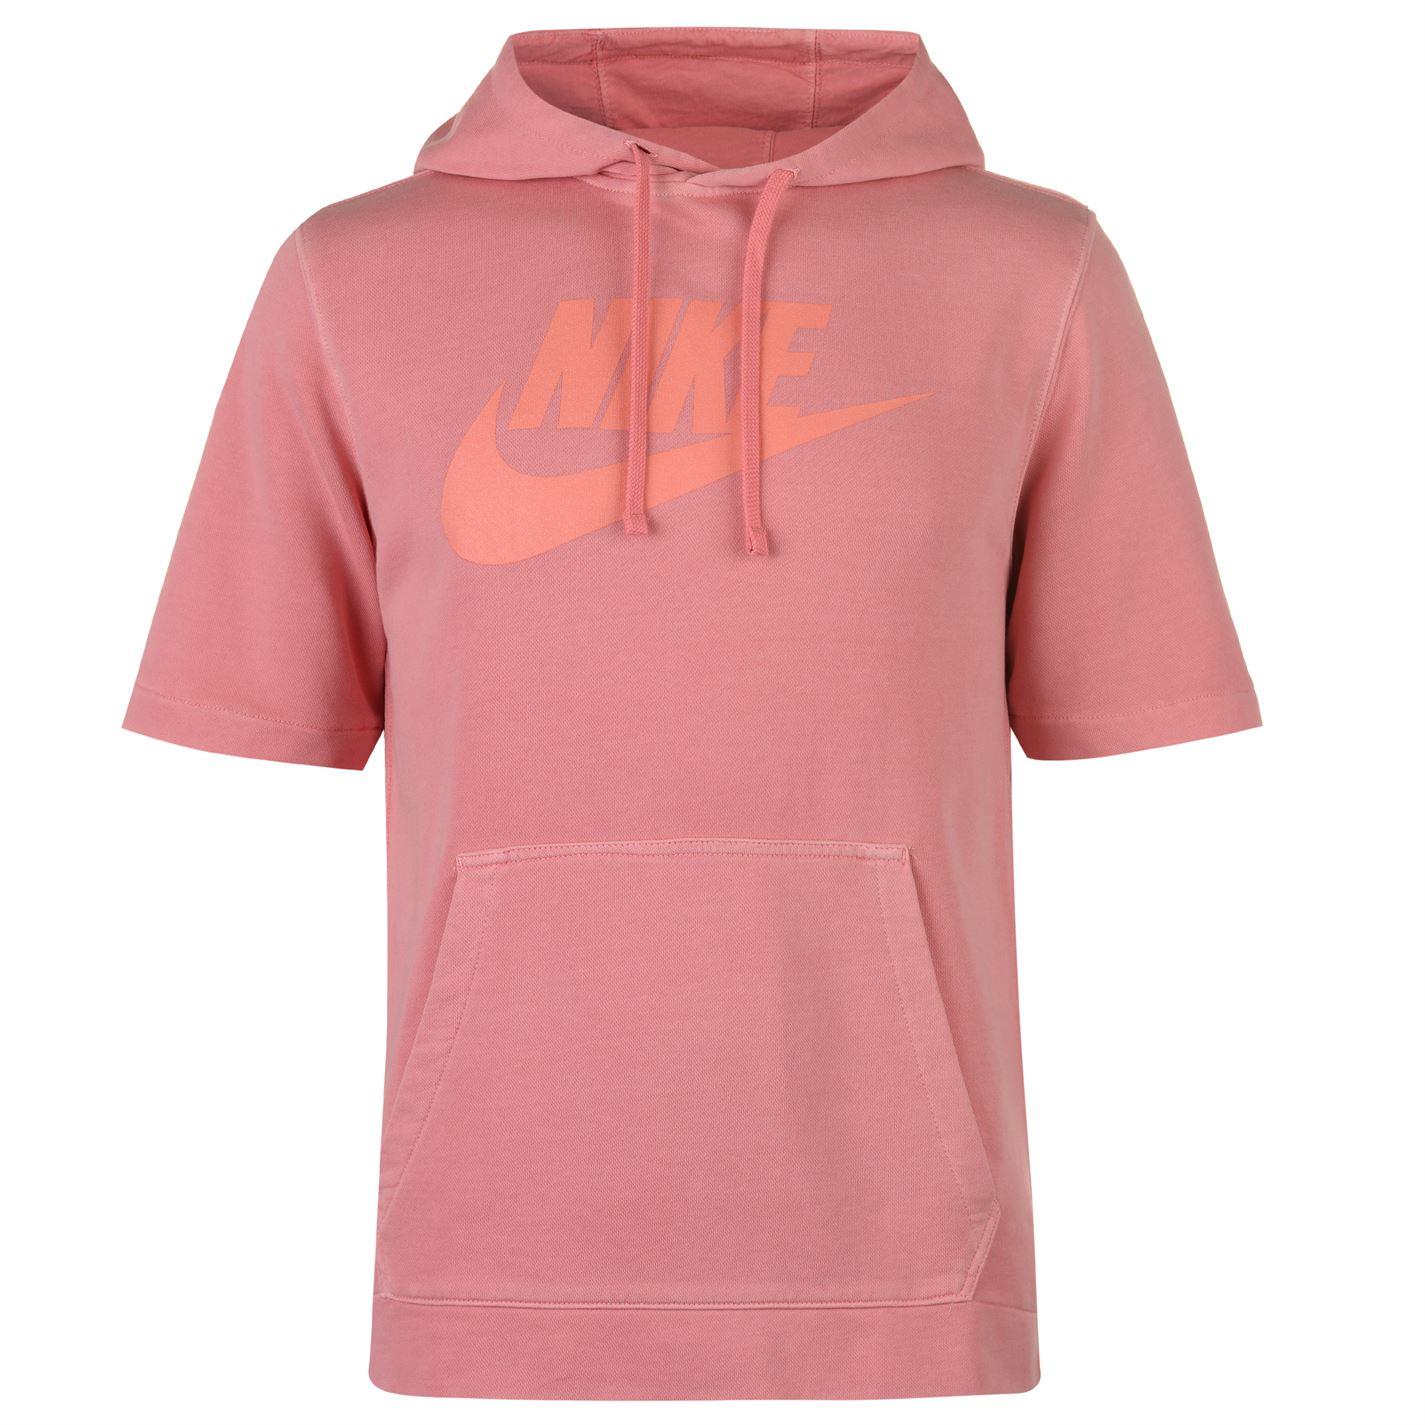 Nike Short Sleeve Wash Hoody Mens